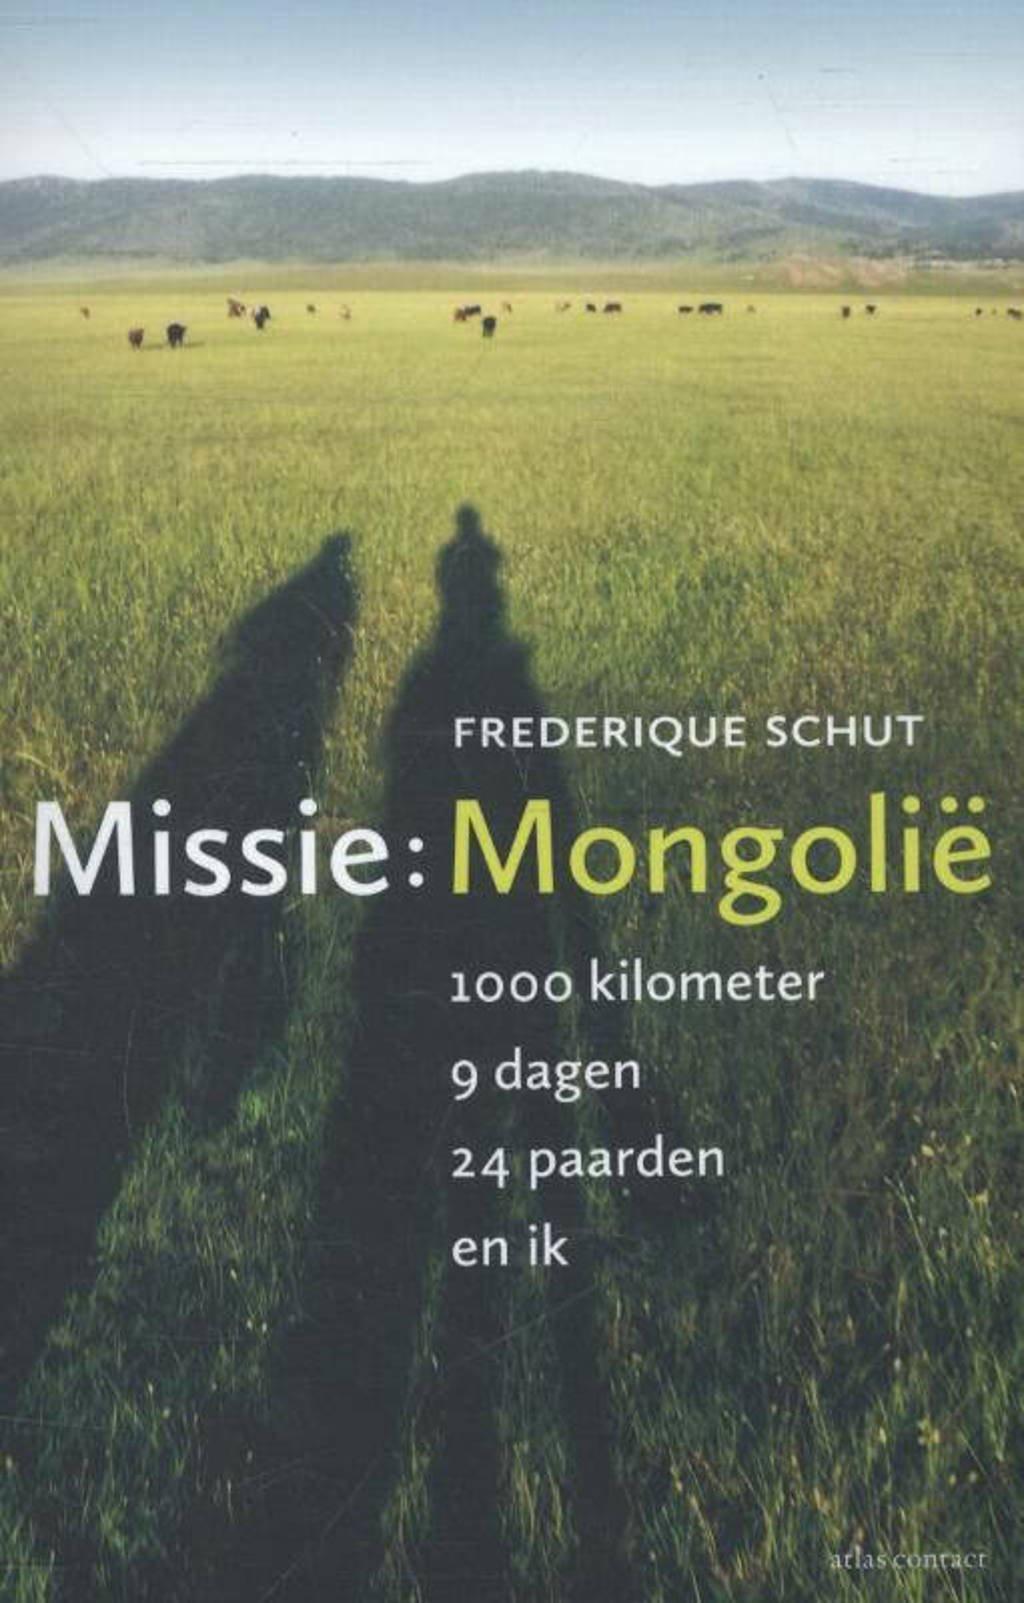 Missie: Mongolie - Frederique Schut